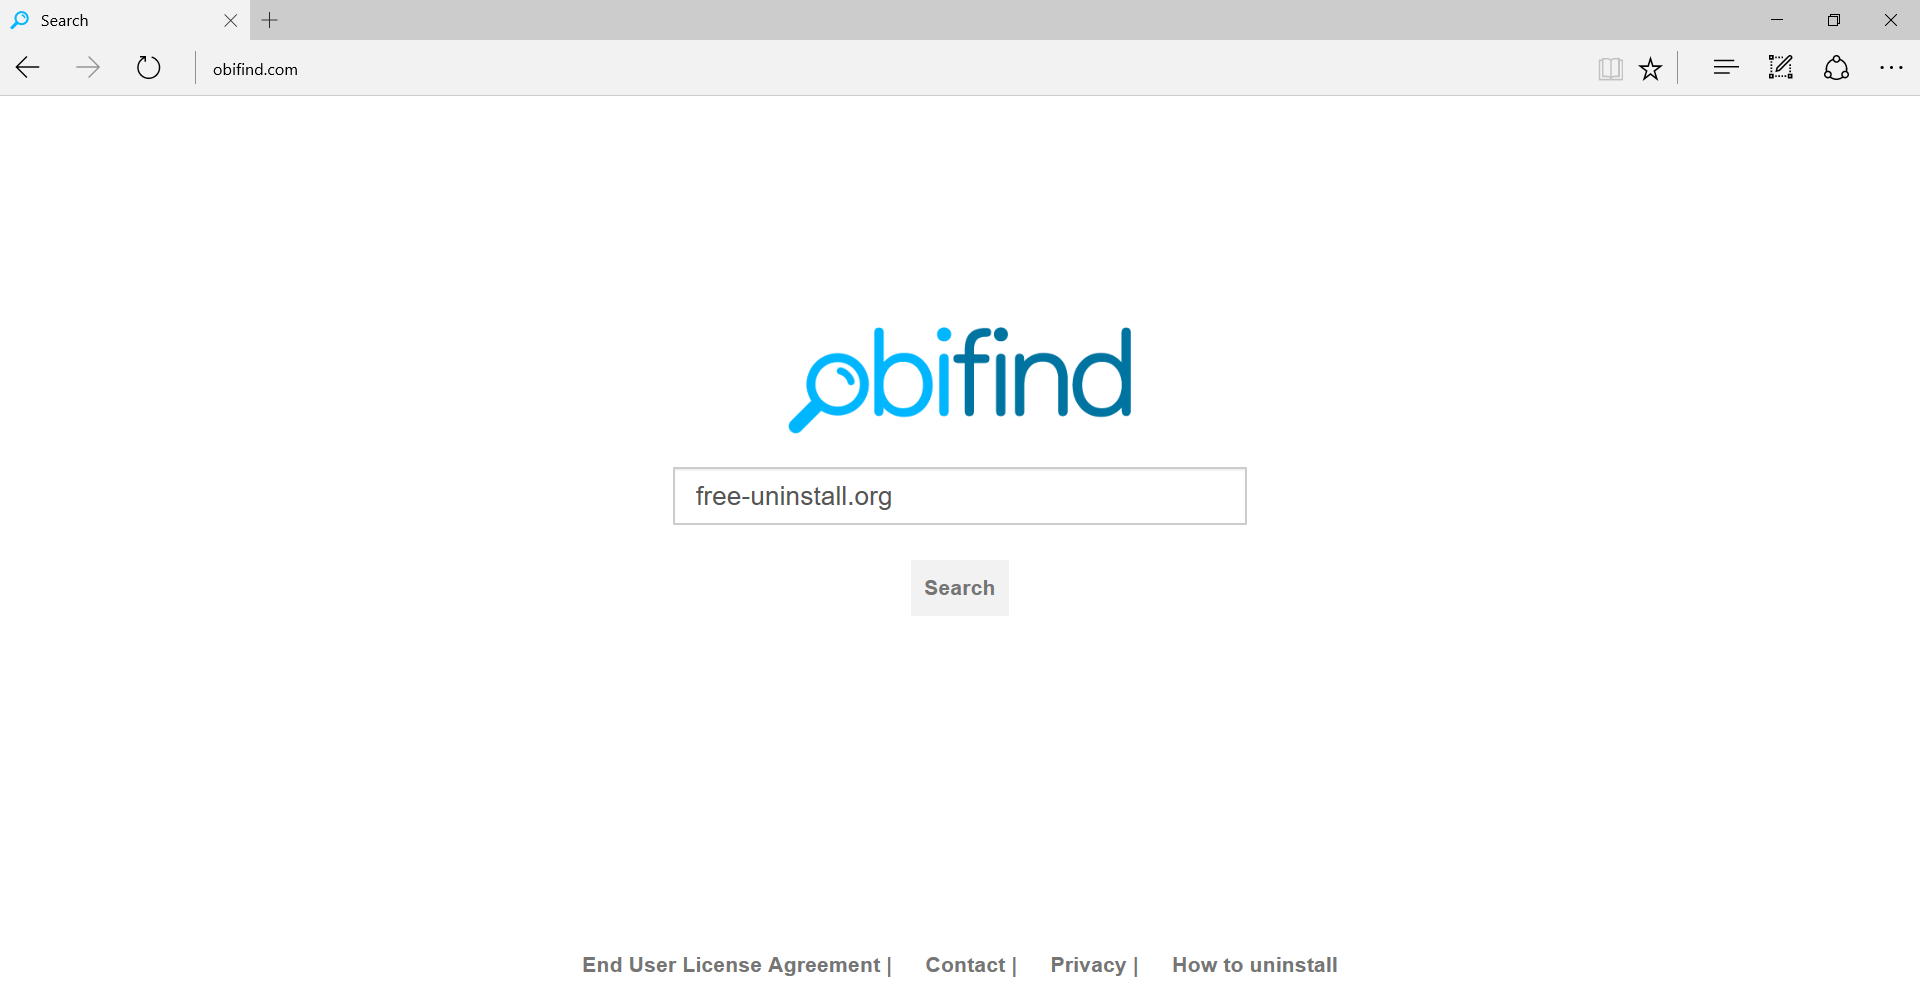 Obifind.com Hijacker